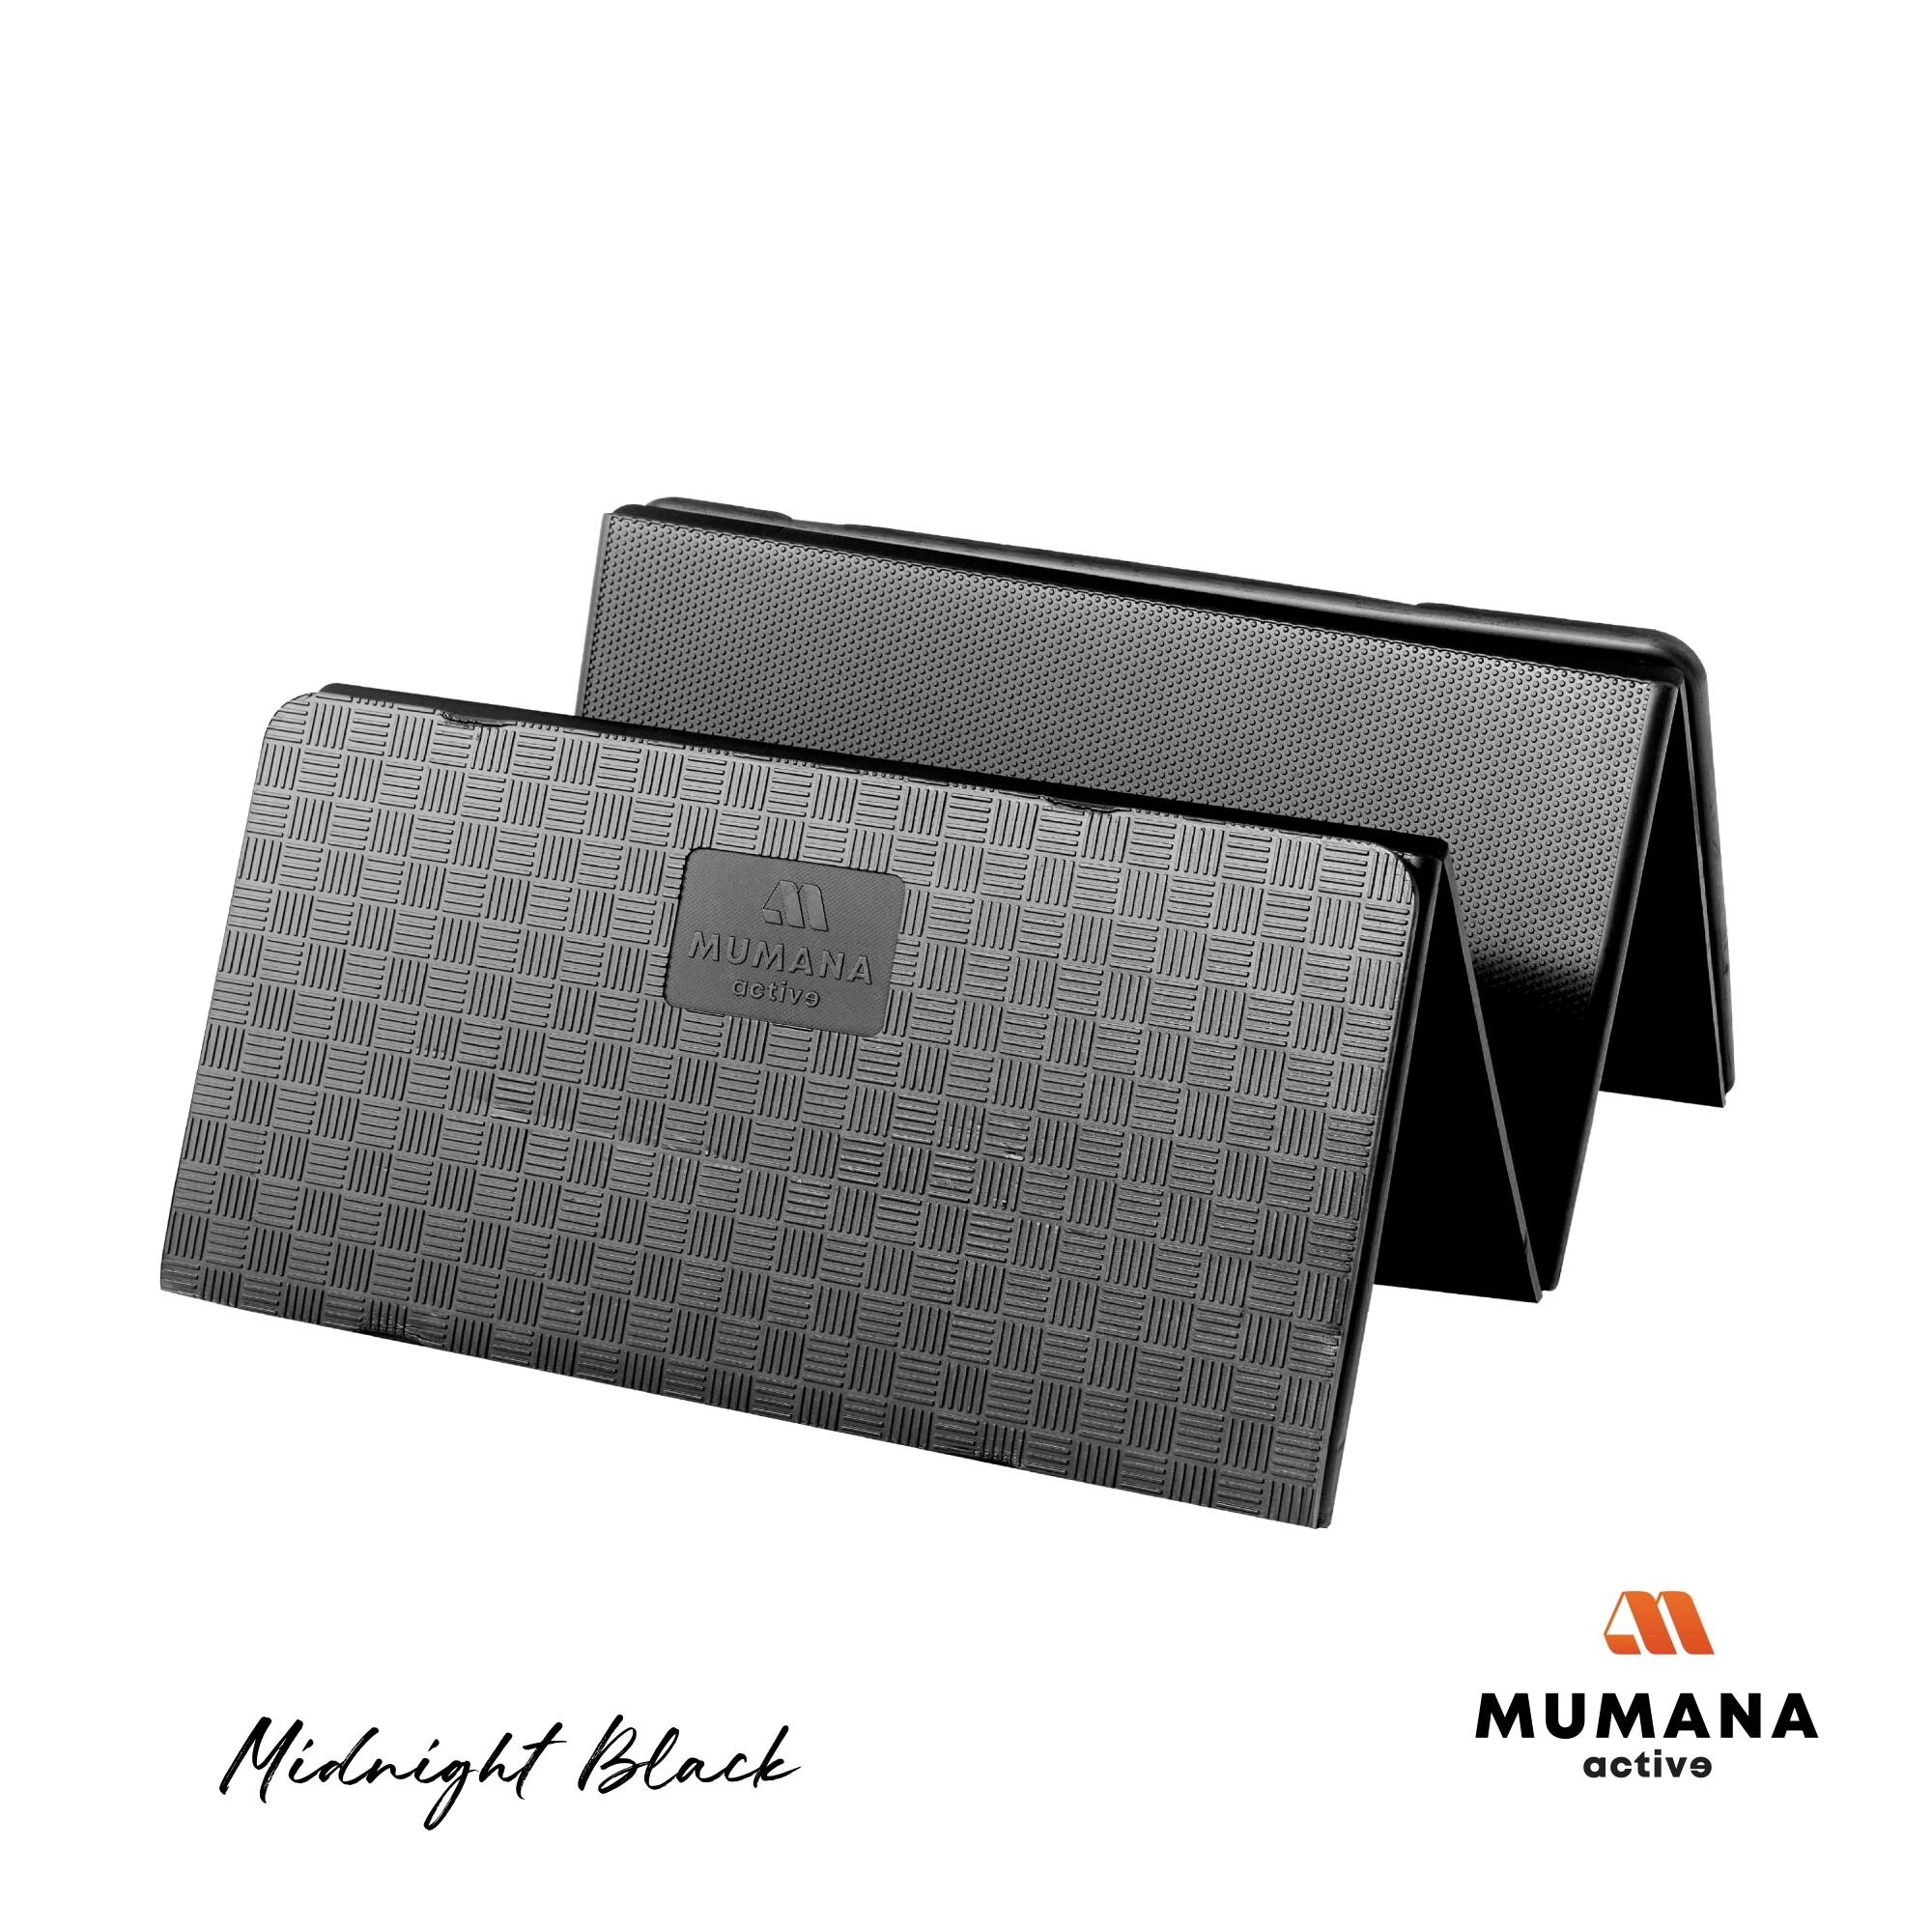 Mumana Active เสื่อออกกำลังกายแบบพับได้ หนา15มม. ไม่เจ็บศอก-เข่า ยึดเกาะทุกพื้นผิว เหมาะทุกการออกกำลังกายและโยคะ ฟรี!สายคาดเสื่อปรับขนาดได้